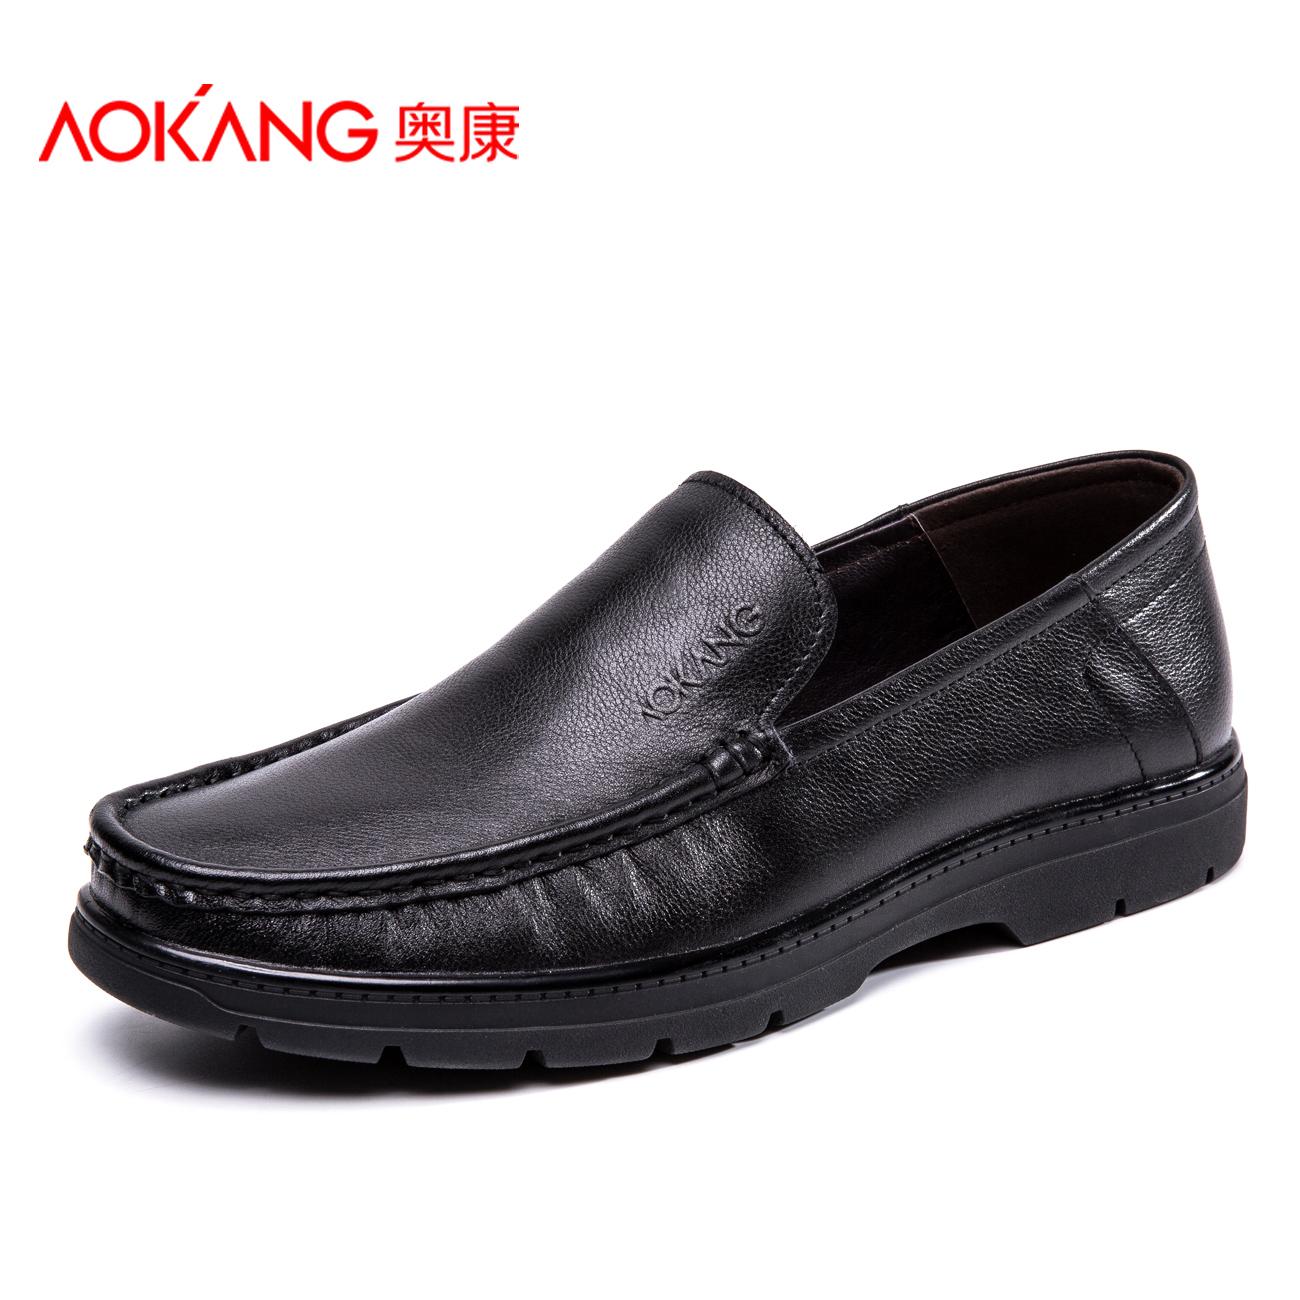 奥康男鞋 套脚舒适驾车鞋 简约真皮软面舒适男单鞋商务休闲皮鞋